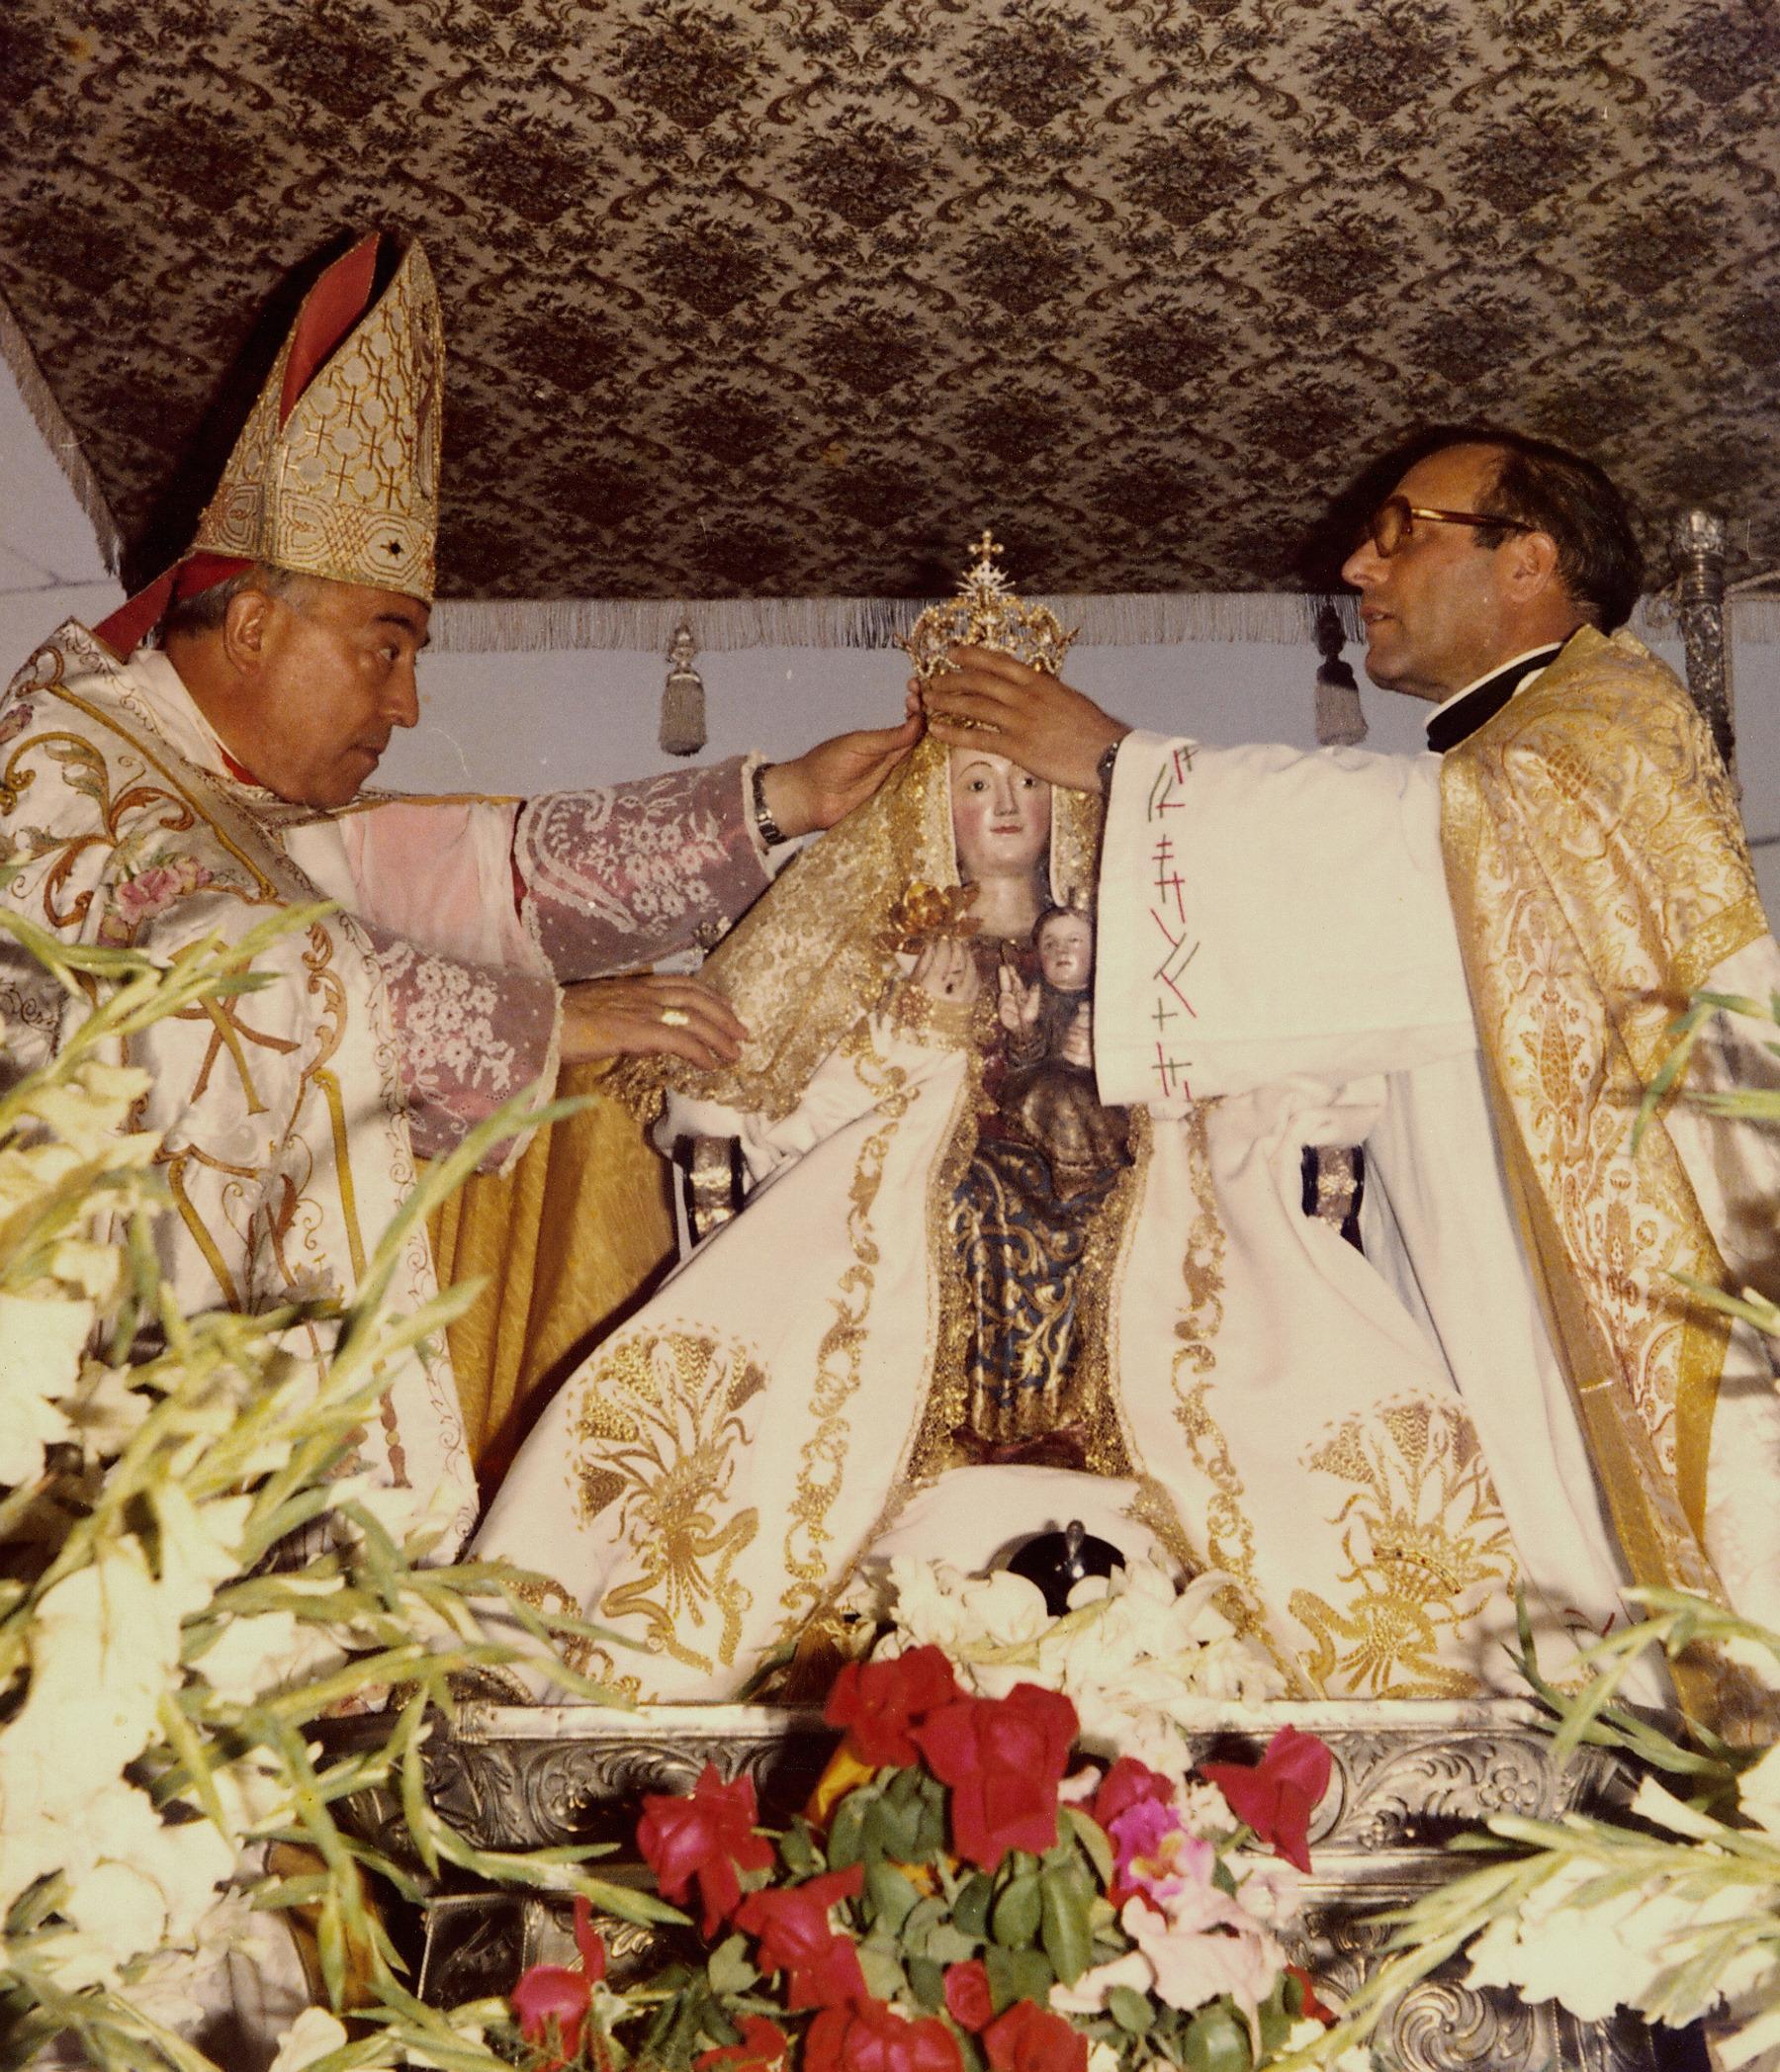 Propuestas planteadas por los devotos para conmemorar el 50 aniversario de la coronación de la Virgen de Valme